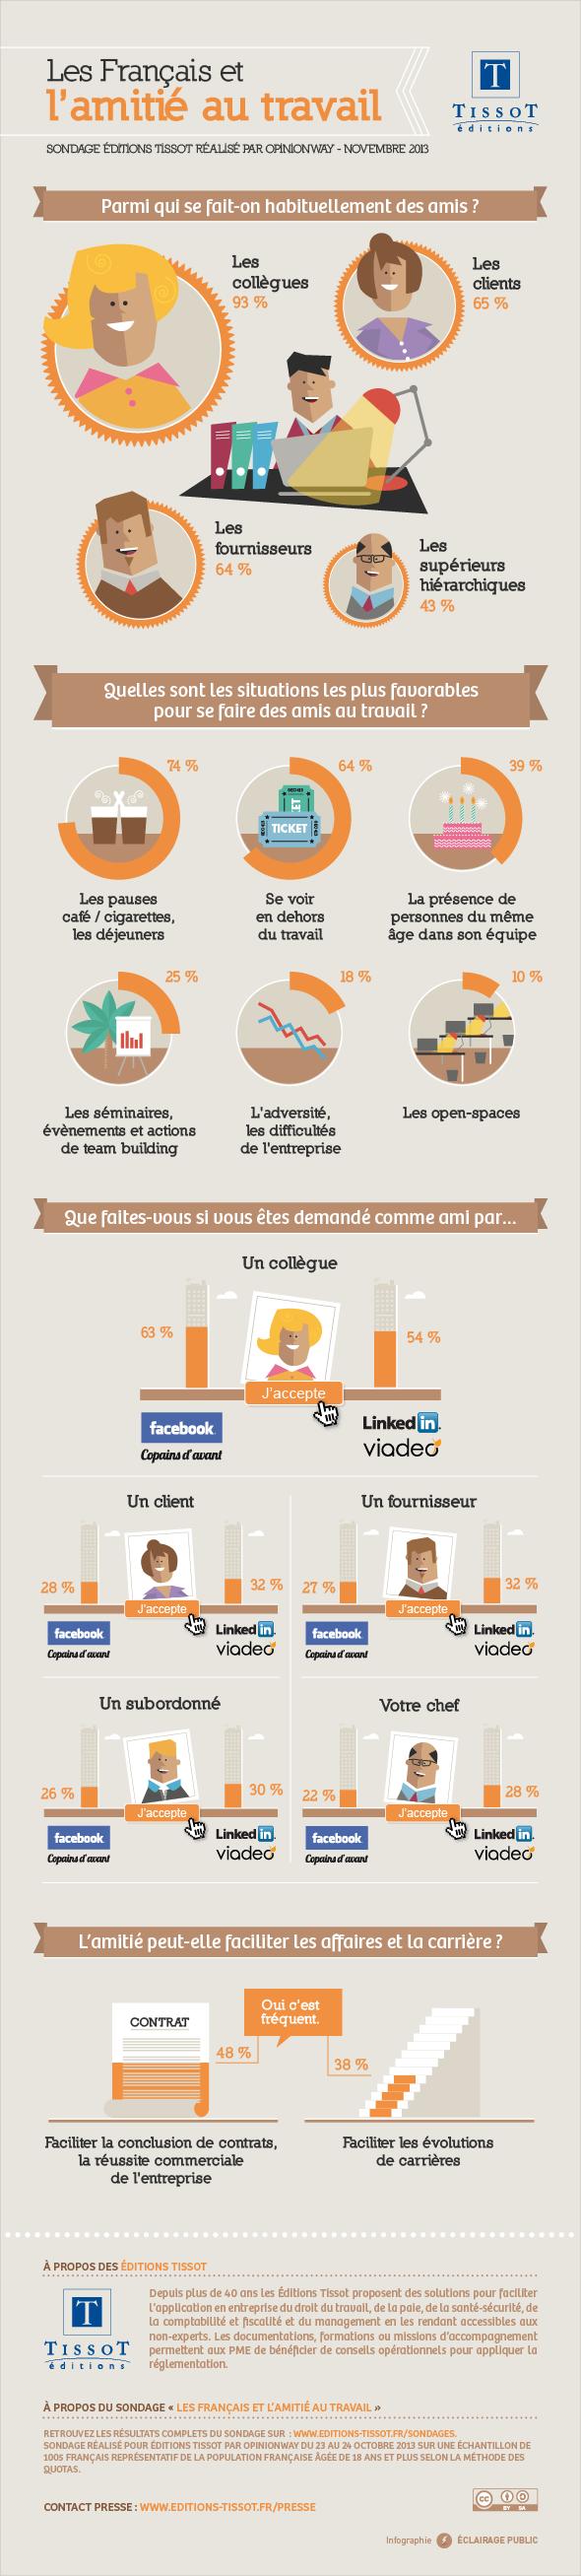 infographie sondage amitié au travail Editiosn Tissot